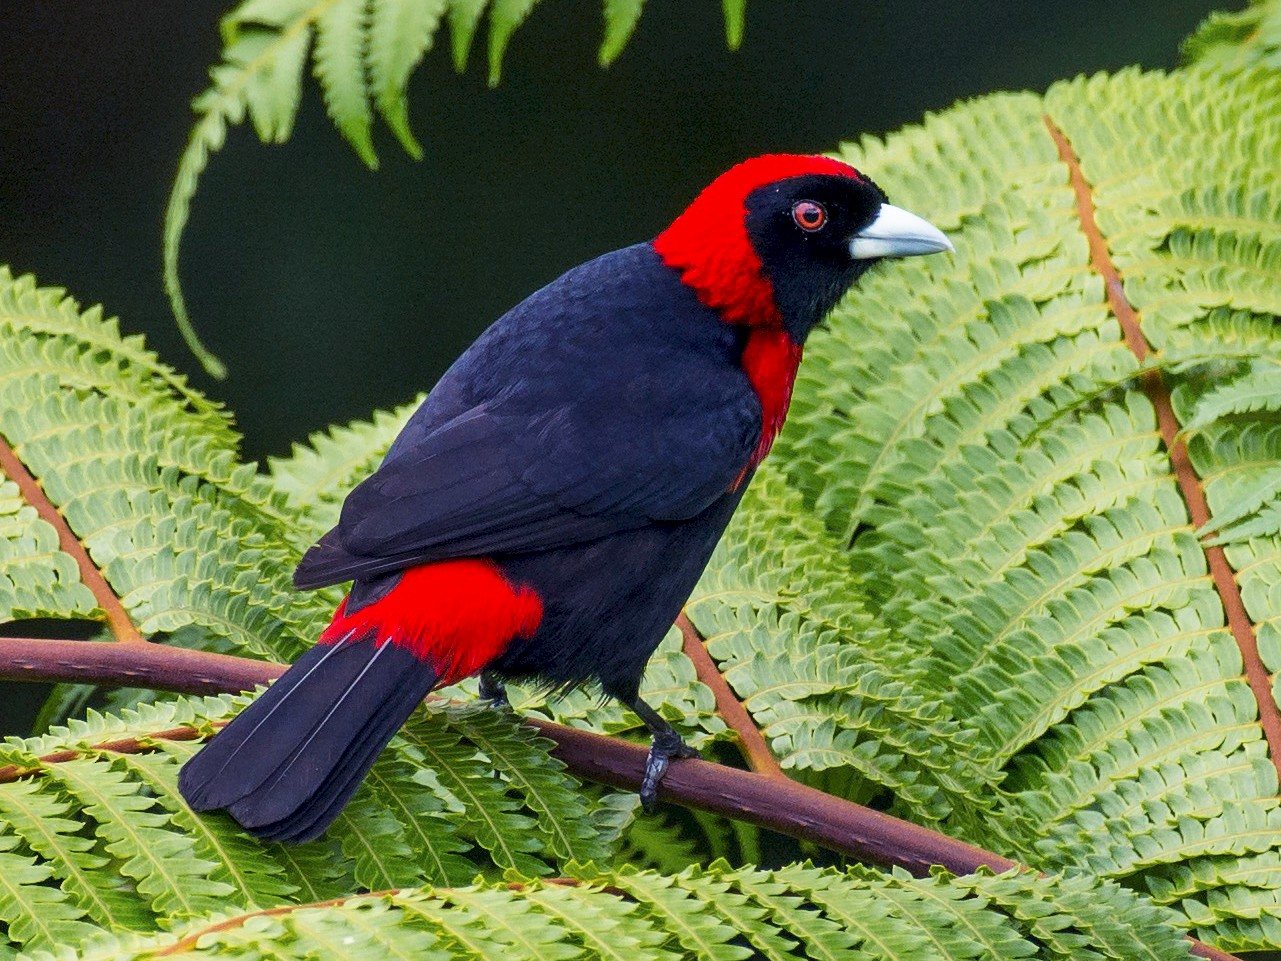 Crimson-collared Tanager - Tal Pipkin